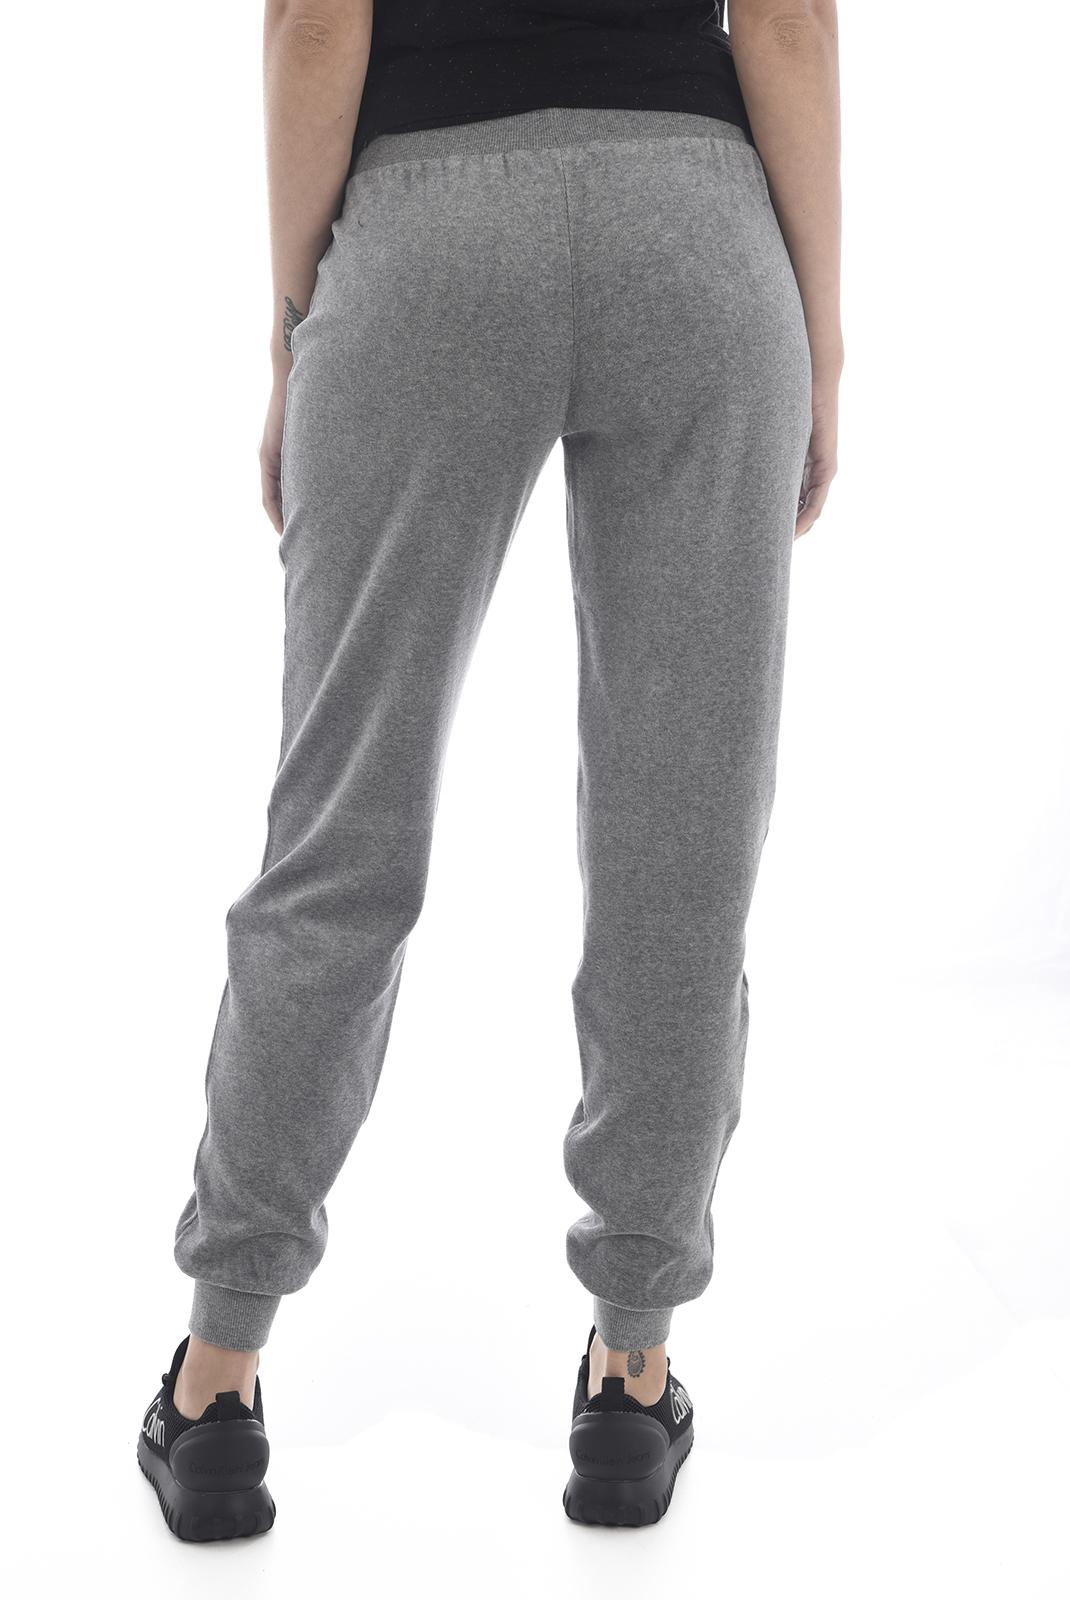 Veste streetwear  Emporio armani 163363 7A252 06749 GREY